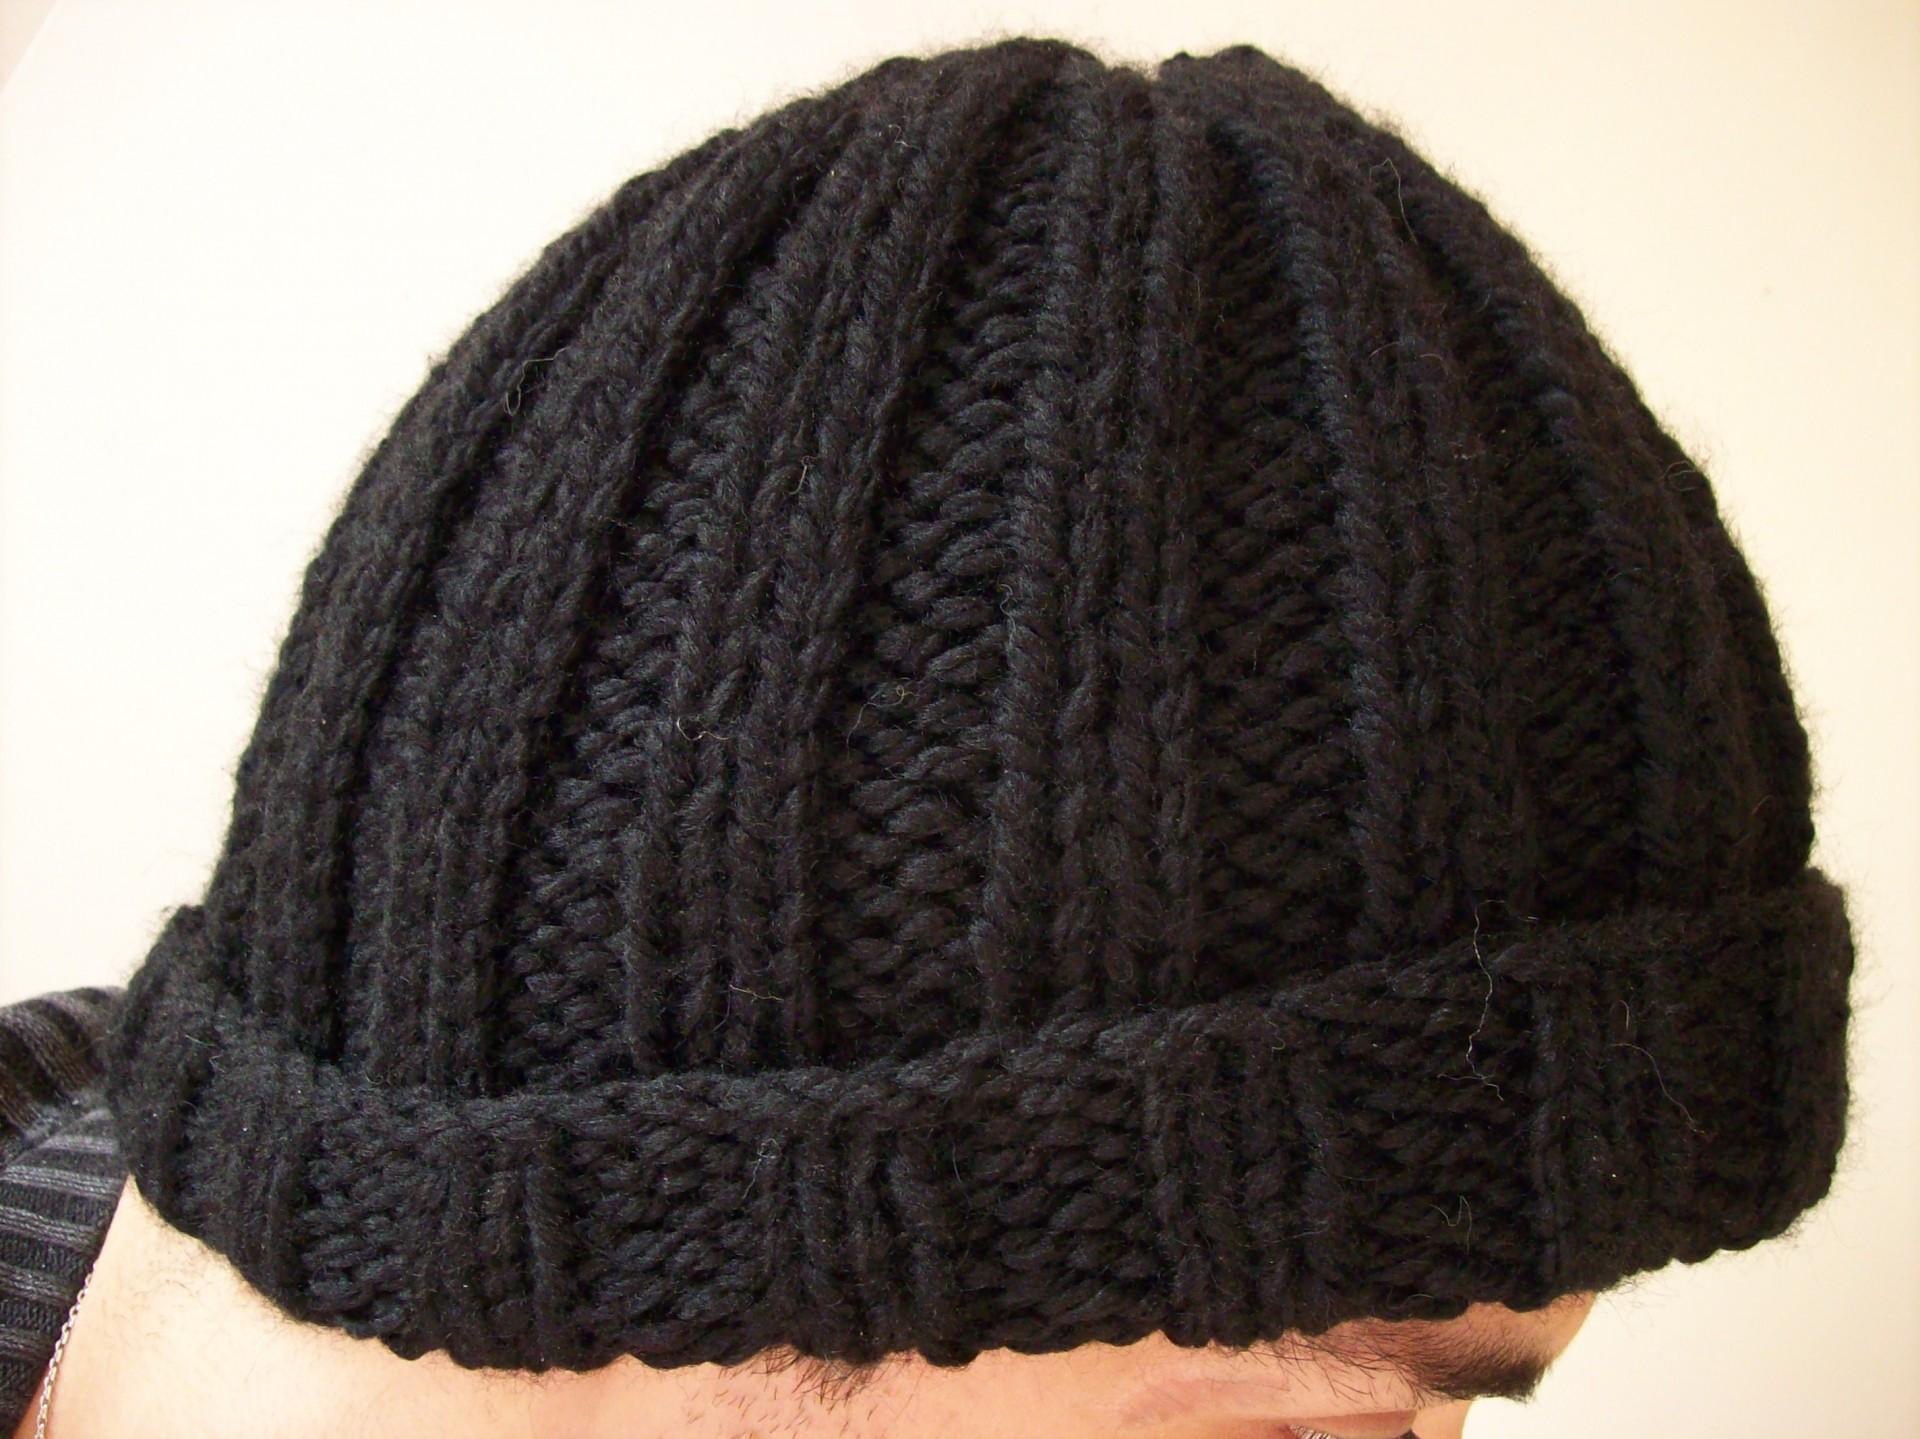 Mod le tricot bonnet homme facile - Modele de bonnet a tricoter facile ...